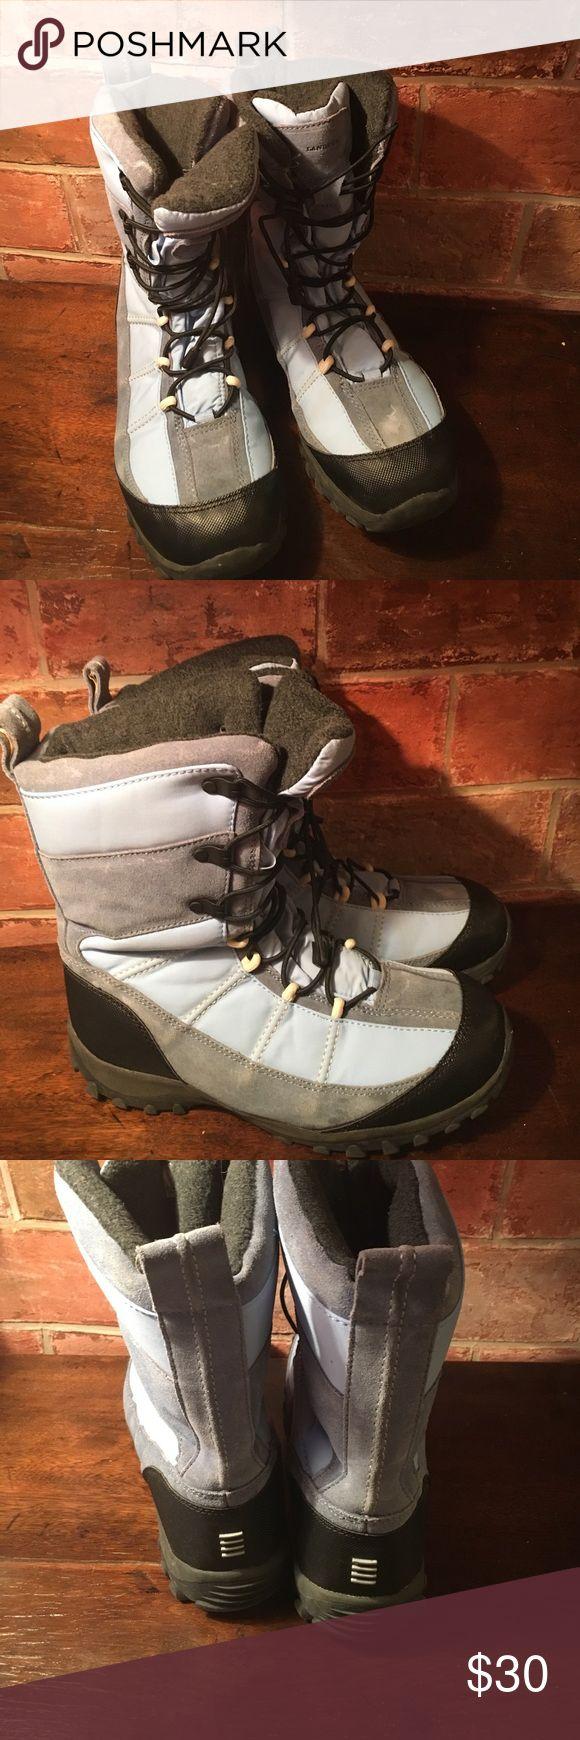 Lands'End snow boots Lands'End snow boots. Excellent condition. Men's size 7 women's size 9 Lands' End Shoes Winter & Rain Boots